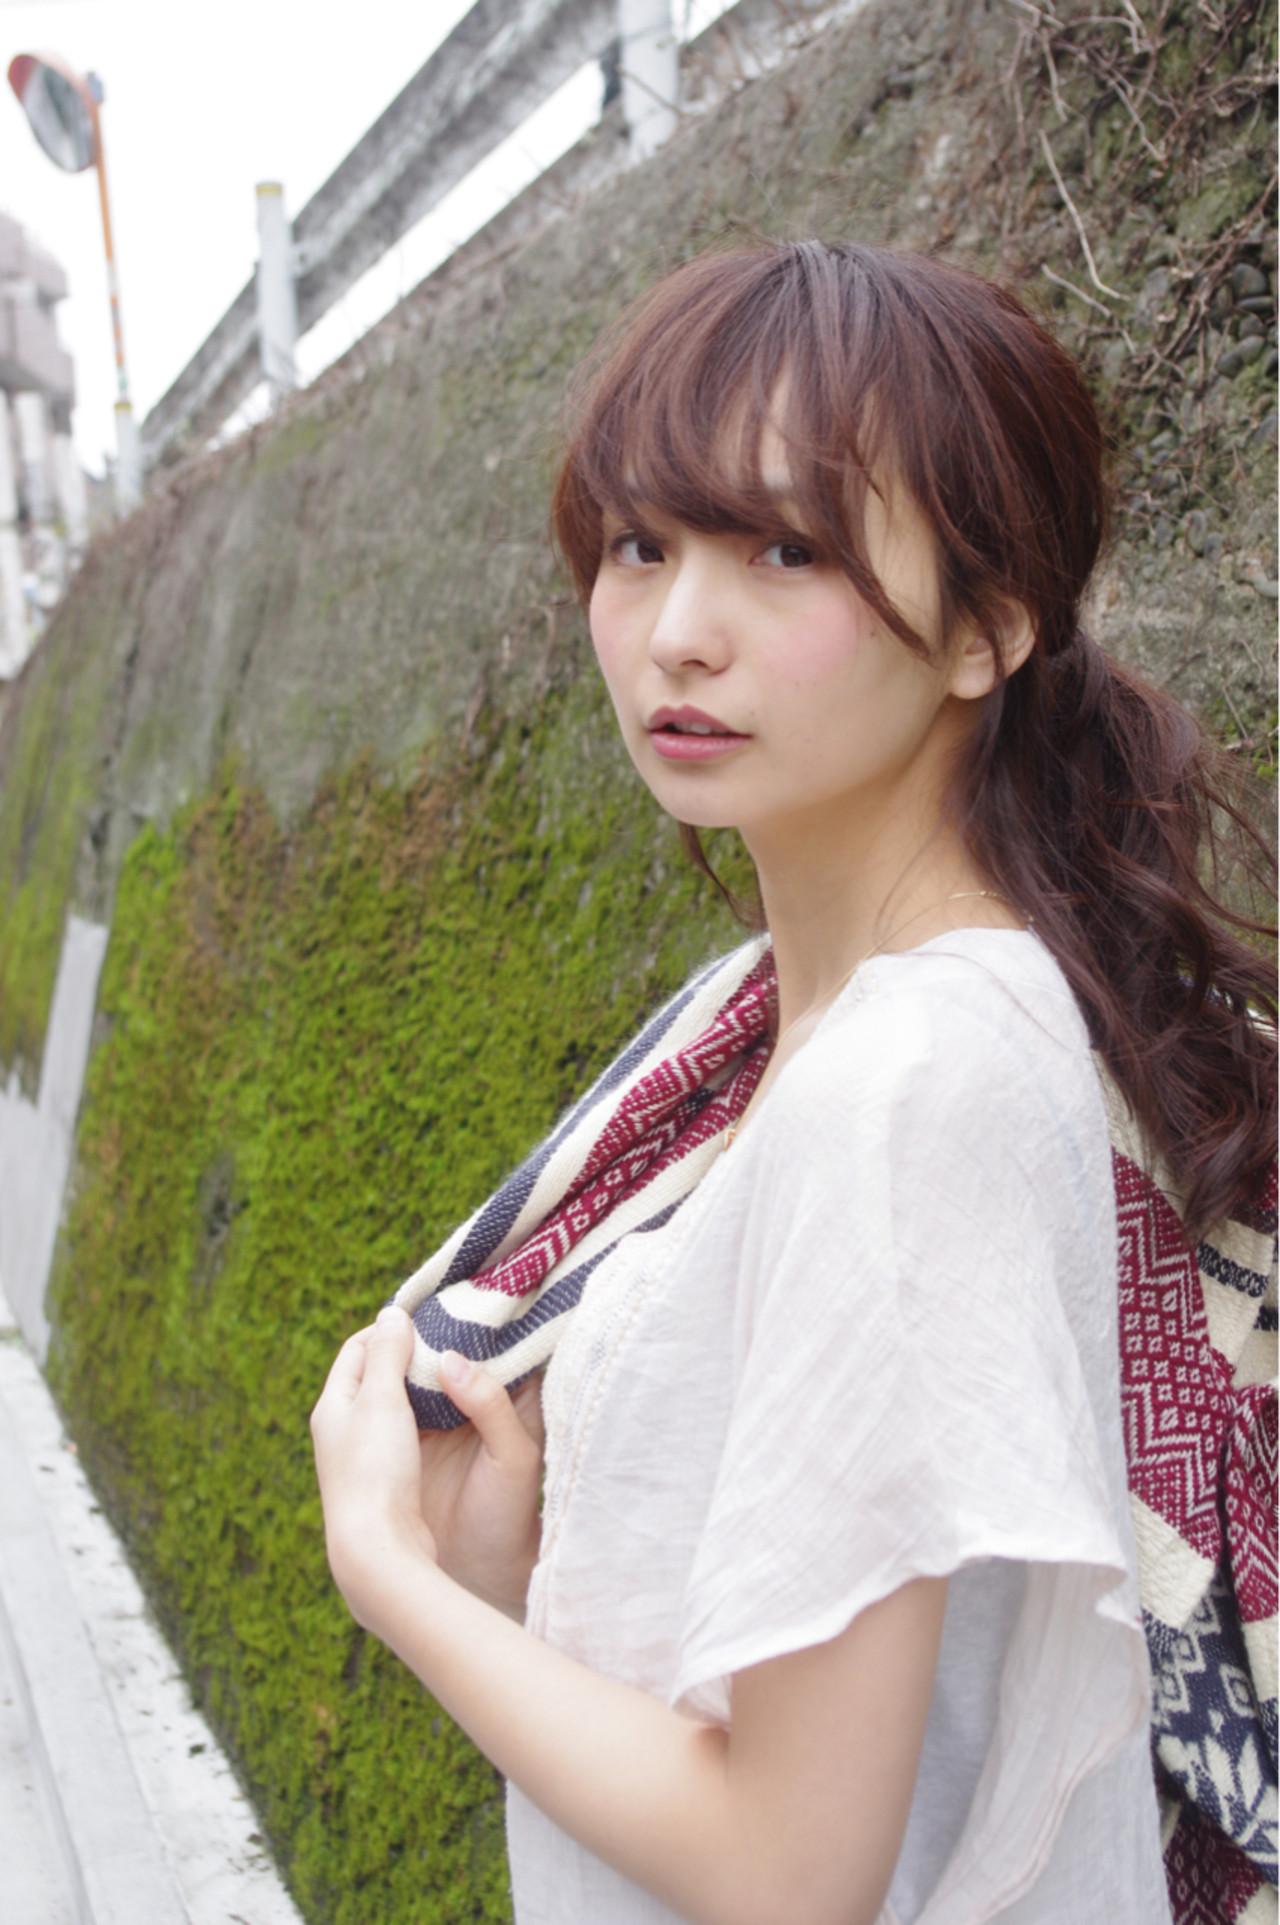 ゆるふわ 外国人風 ストリート 大人かわいい ヘアスタイルや髪型の写真・画像 | オタベチュウ / fivecoast